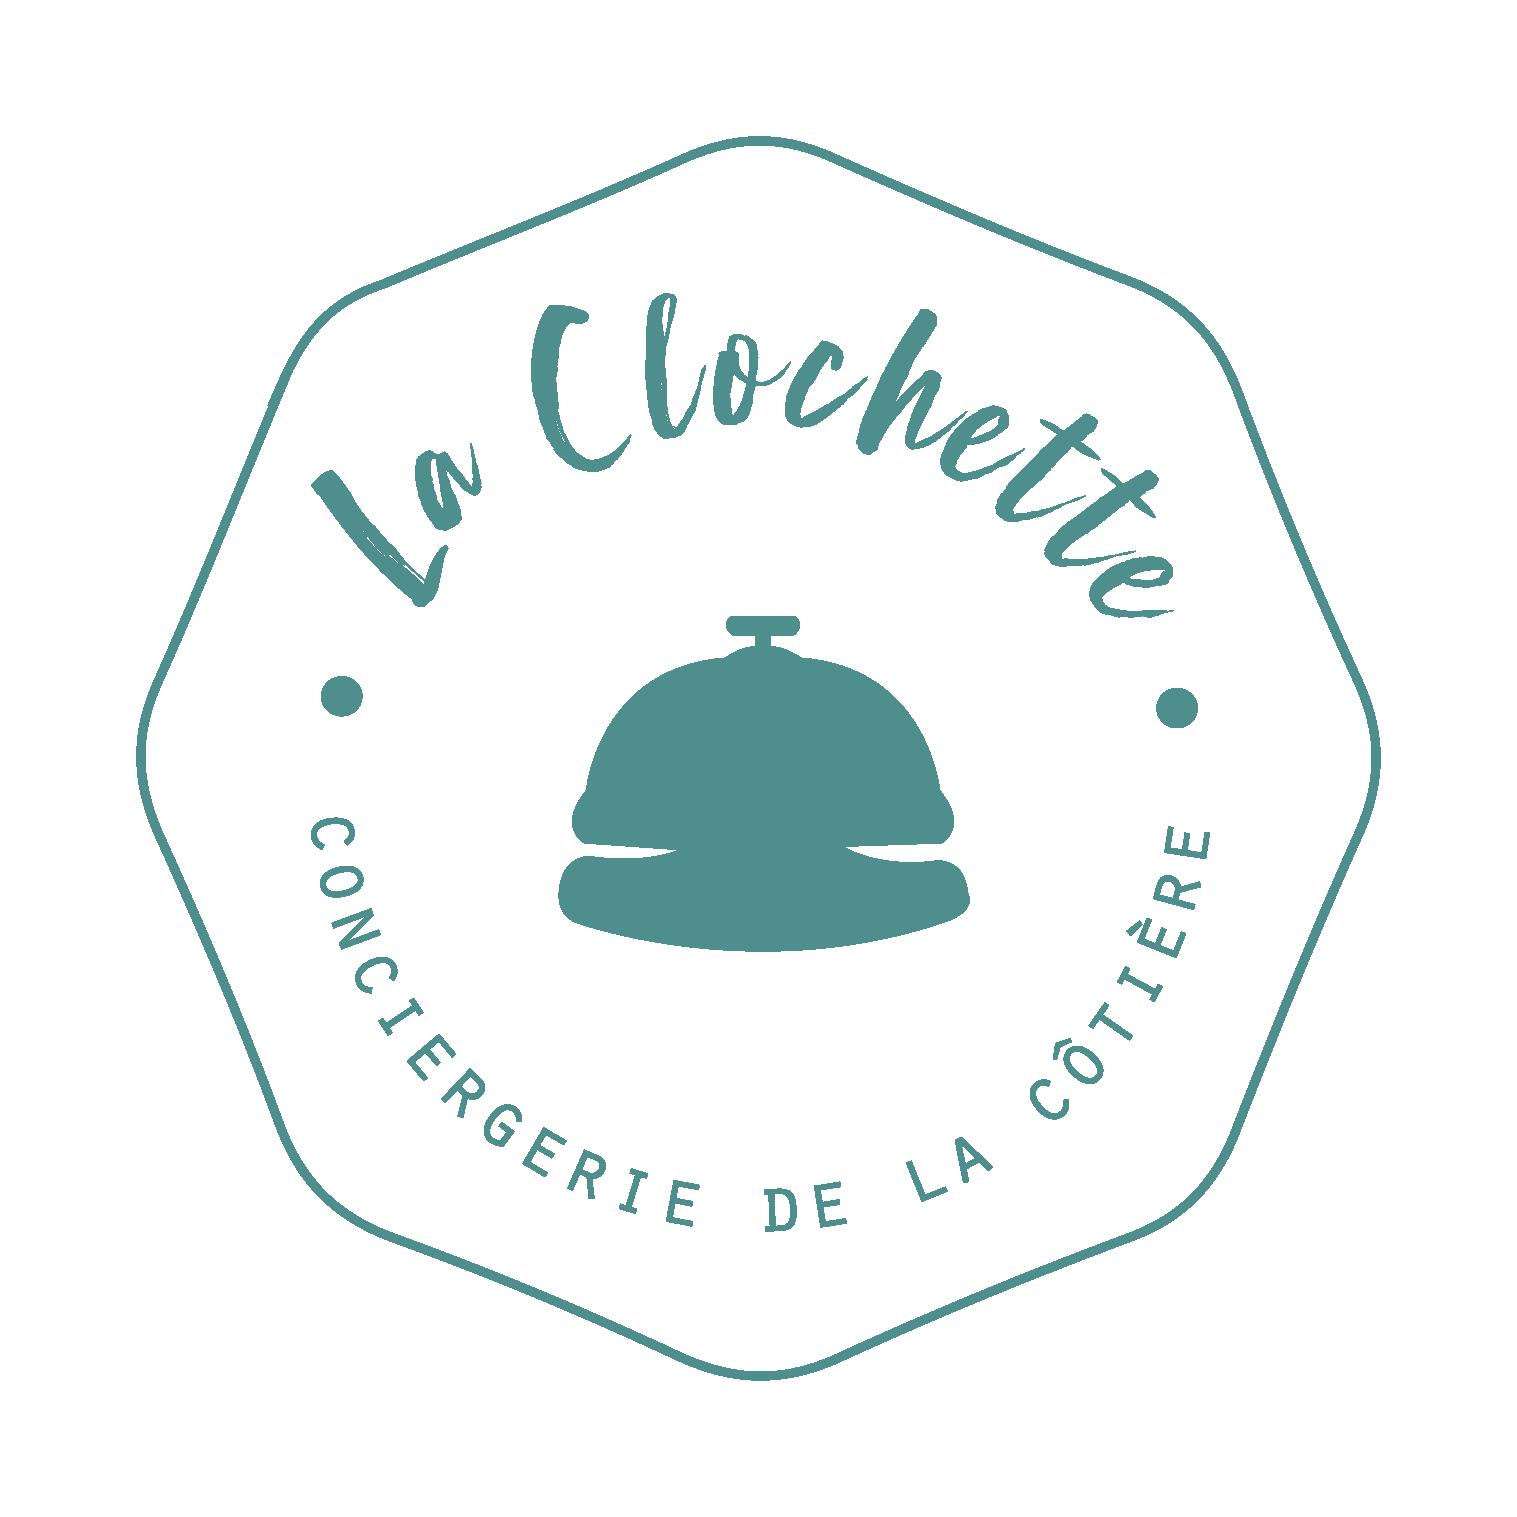 La Clochette Conciergerie de la Côtière